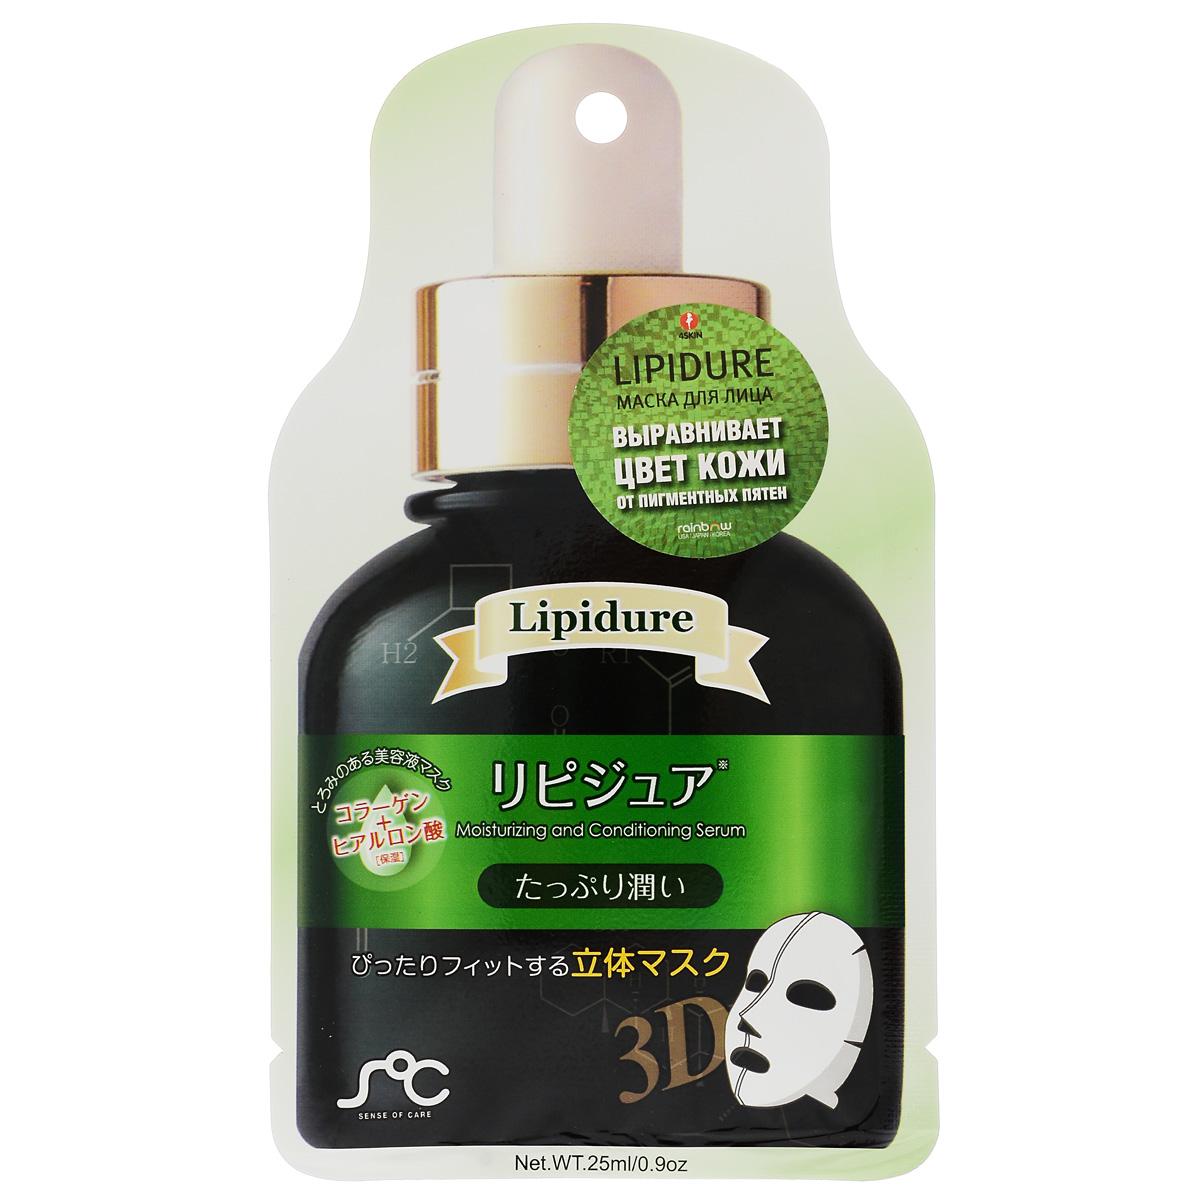 Rainbowbeauty 3D маска-сыворотка для лица с липидами, 25 мл9615383D маска-сыворотка контролирует формирование меланина, тем самым предотвращает нежелательную пигментацию кожи и появление веснушек. Хорошо увлажняет кожу и делает ее нежной.